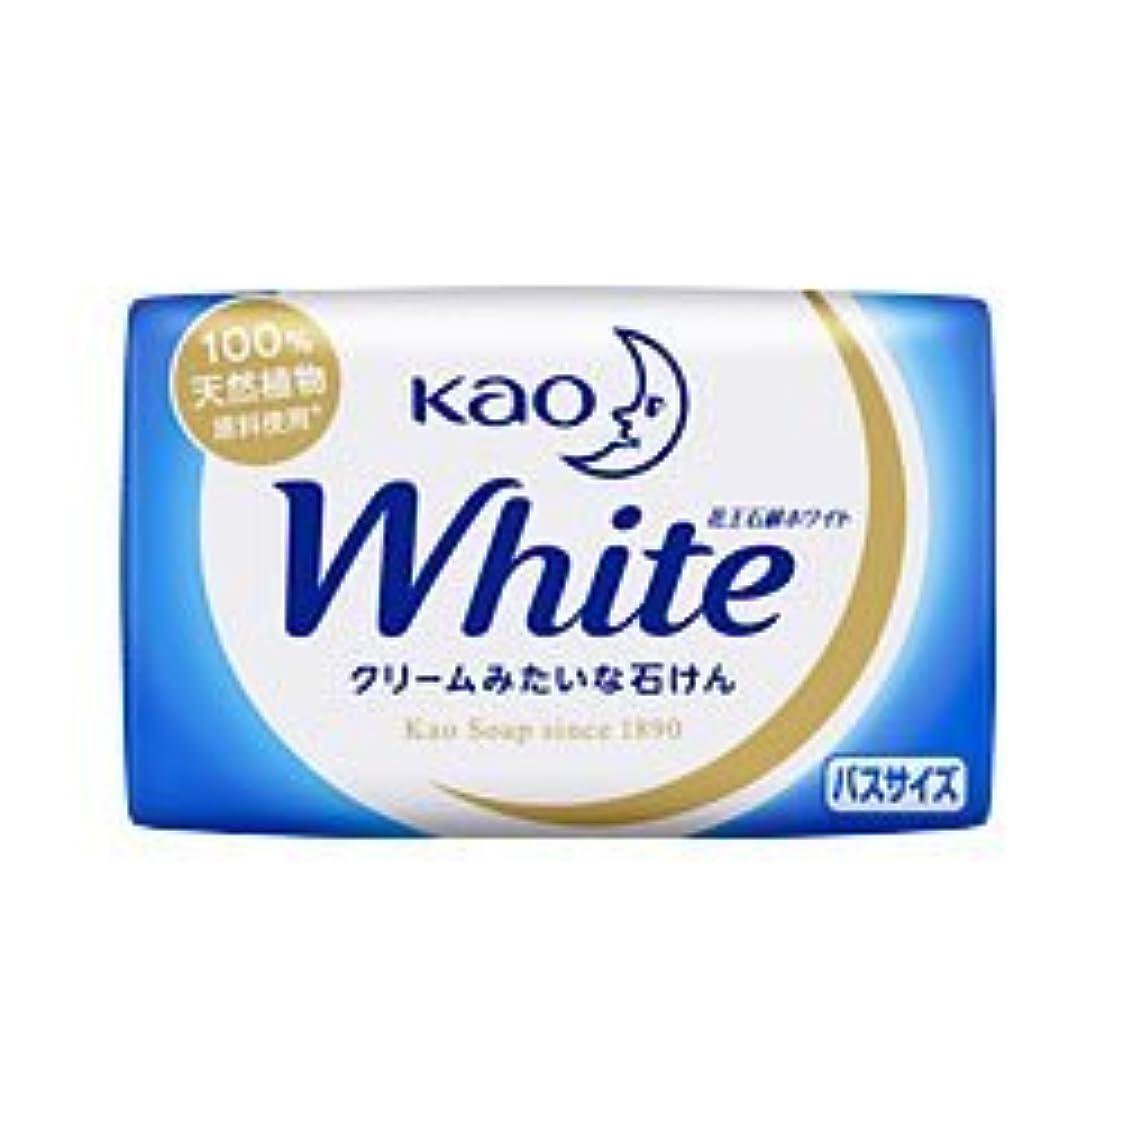 熱心十代ポルティコ【花王】花王ホワイト バスサイズ 1個 130g ×10個セット